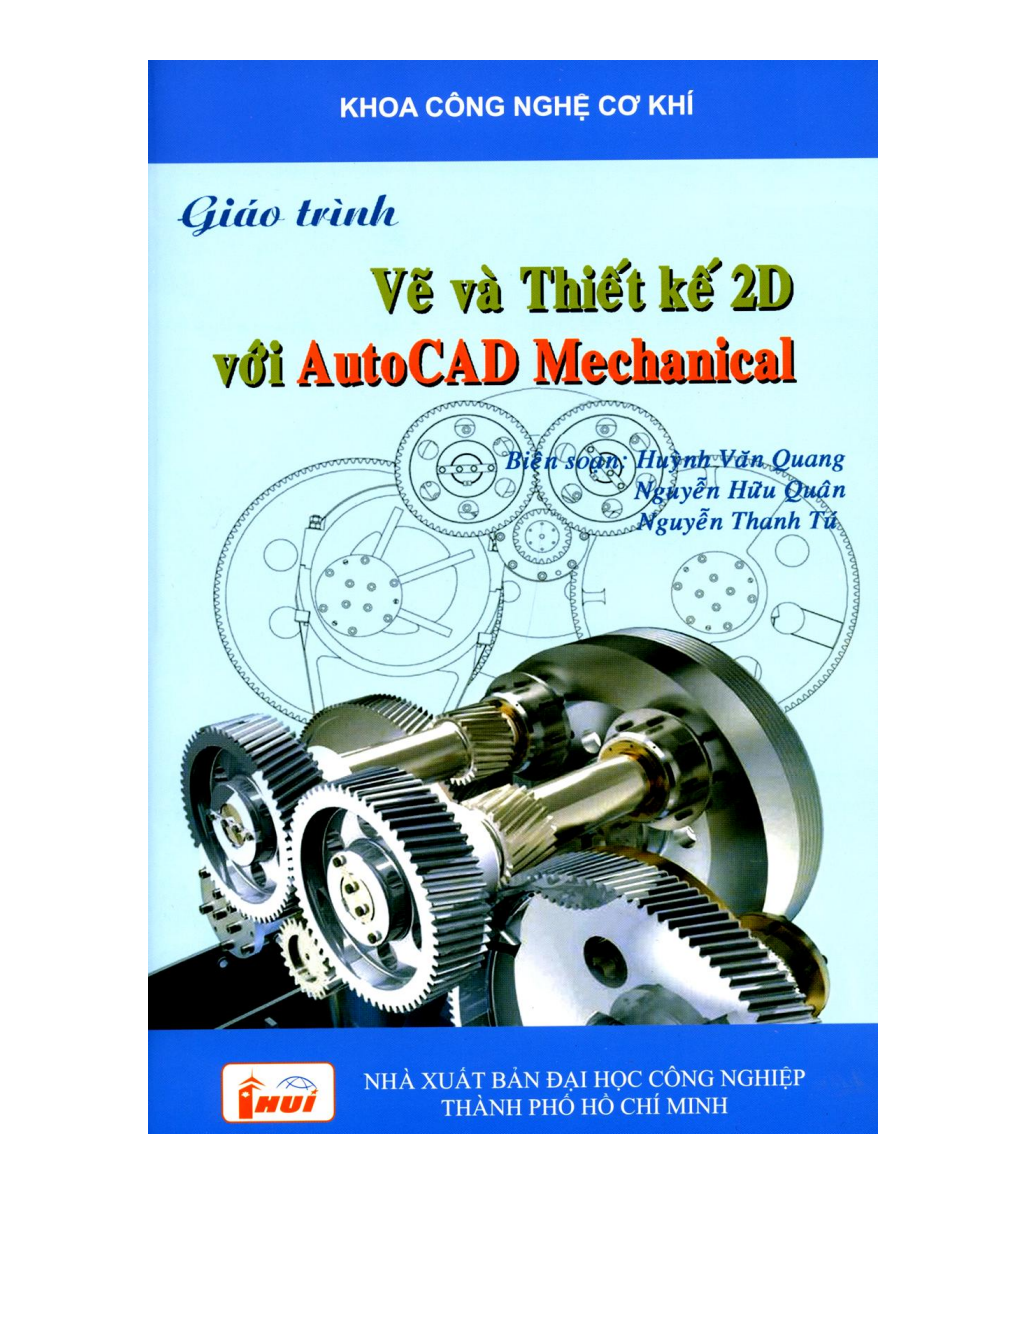 Giáo trình Vẽ và thiết kế 2D với AutoCAD Mechanical: Phần 1 - ĐH Công nghiệp TP.HCM